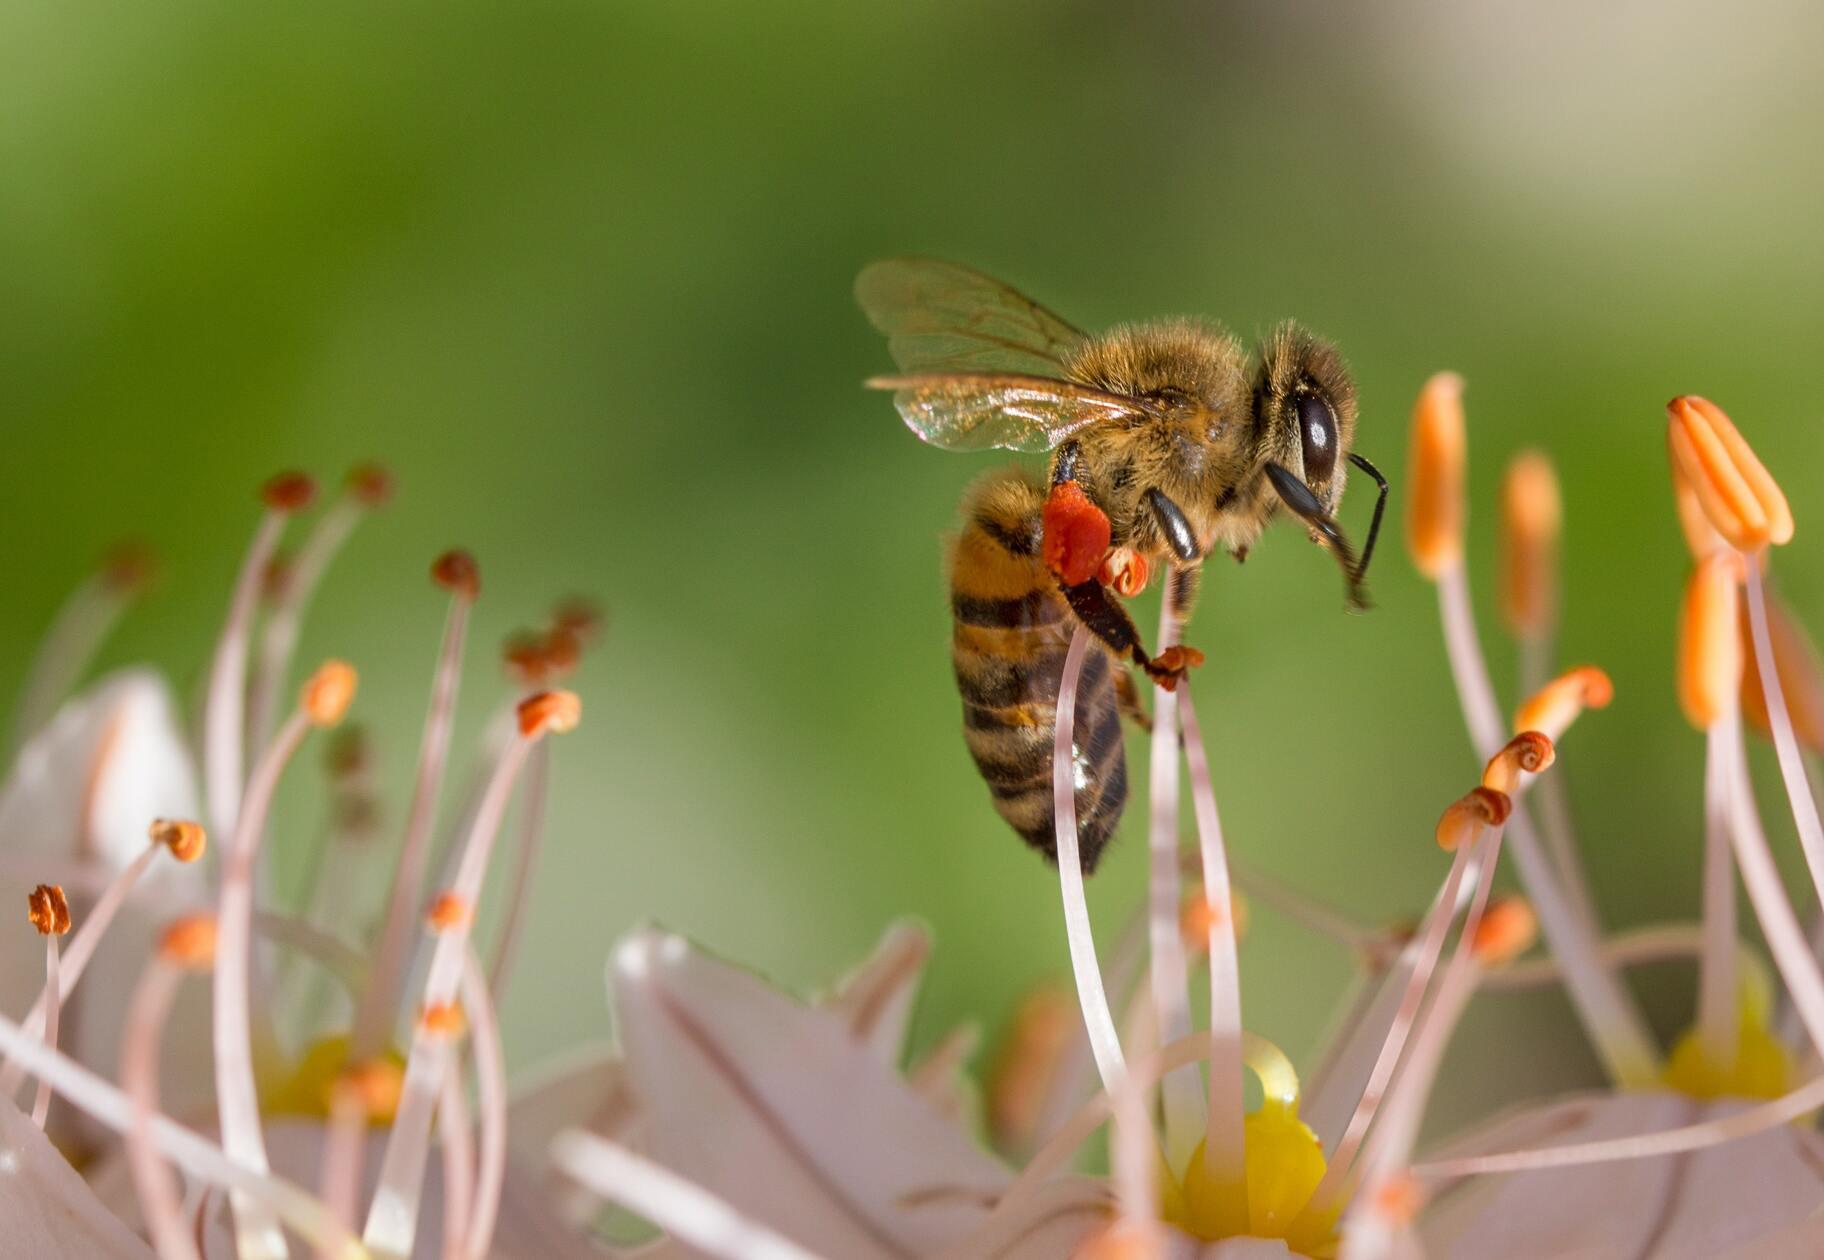 Hình ảnh ong lấy mật hoa